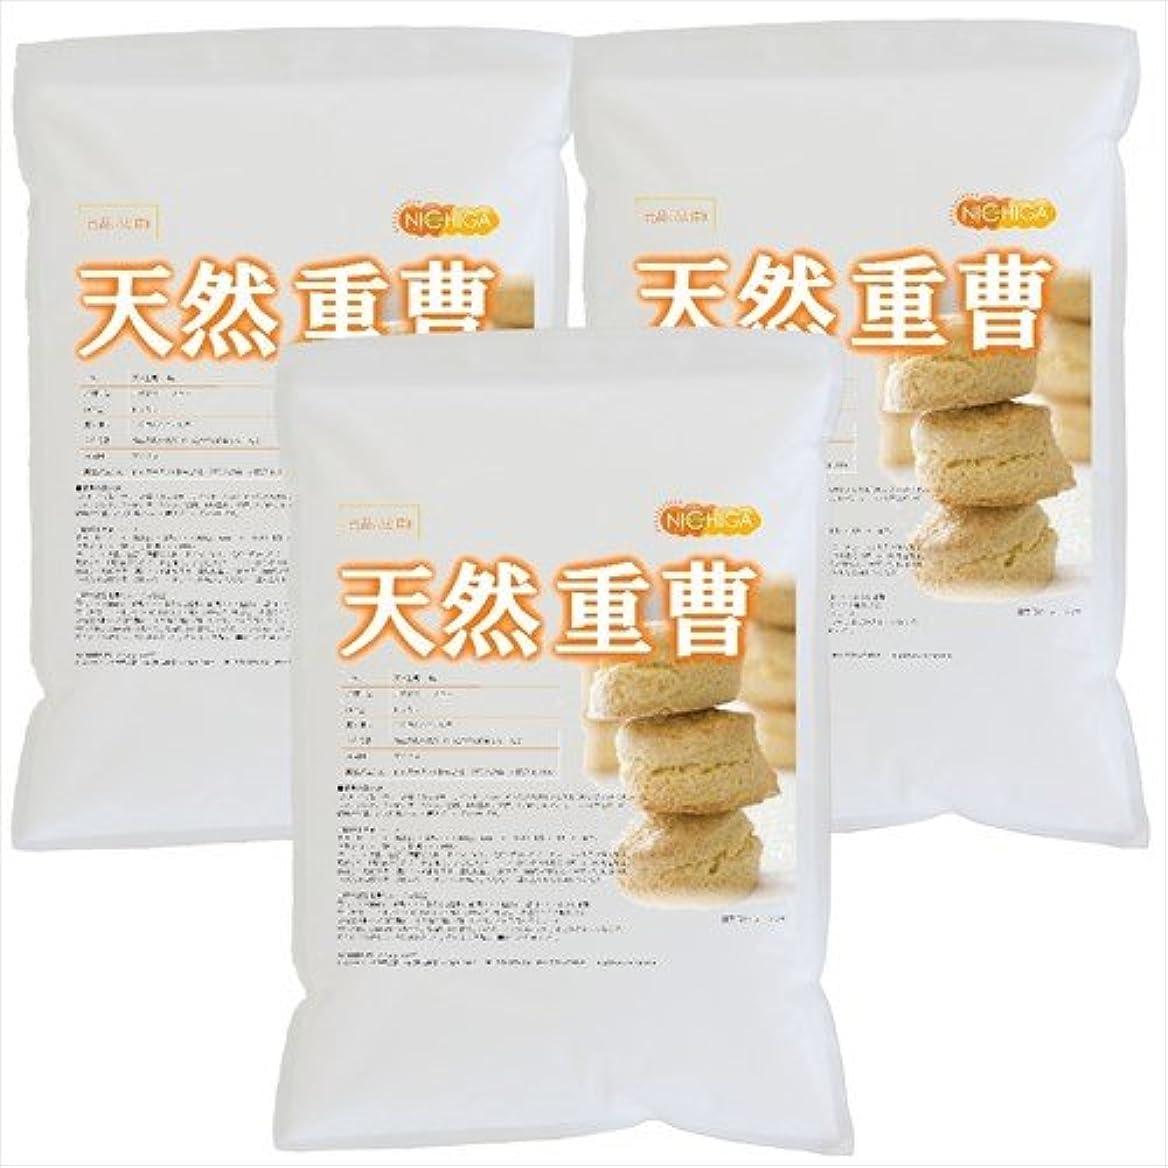 苦静めるにぎやか天然 重曹 5kg×3袋 [02] 炭酸水素ナトリウム 食品添加物(食品用)NICHIGA(ニチガ)